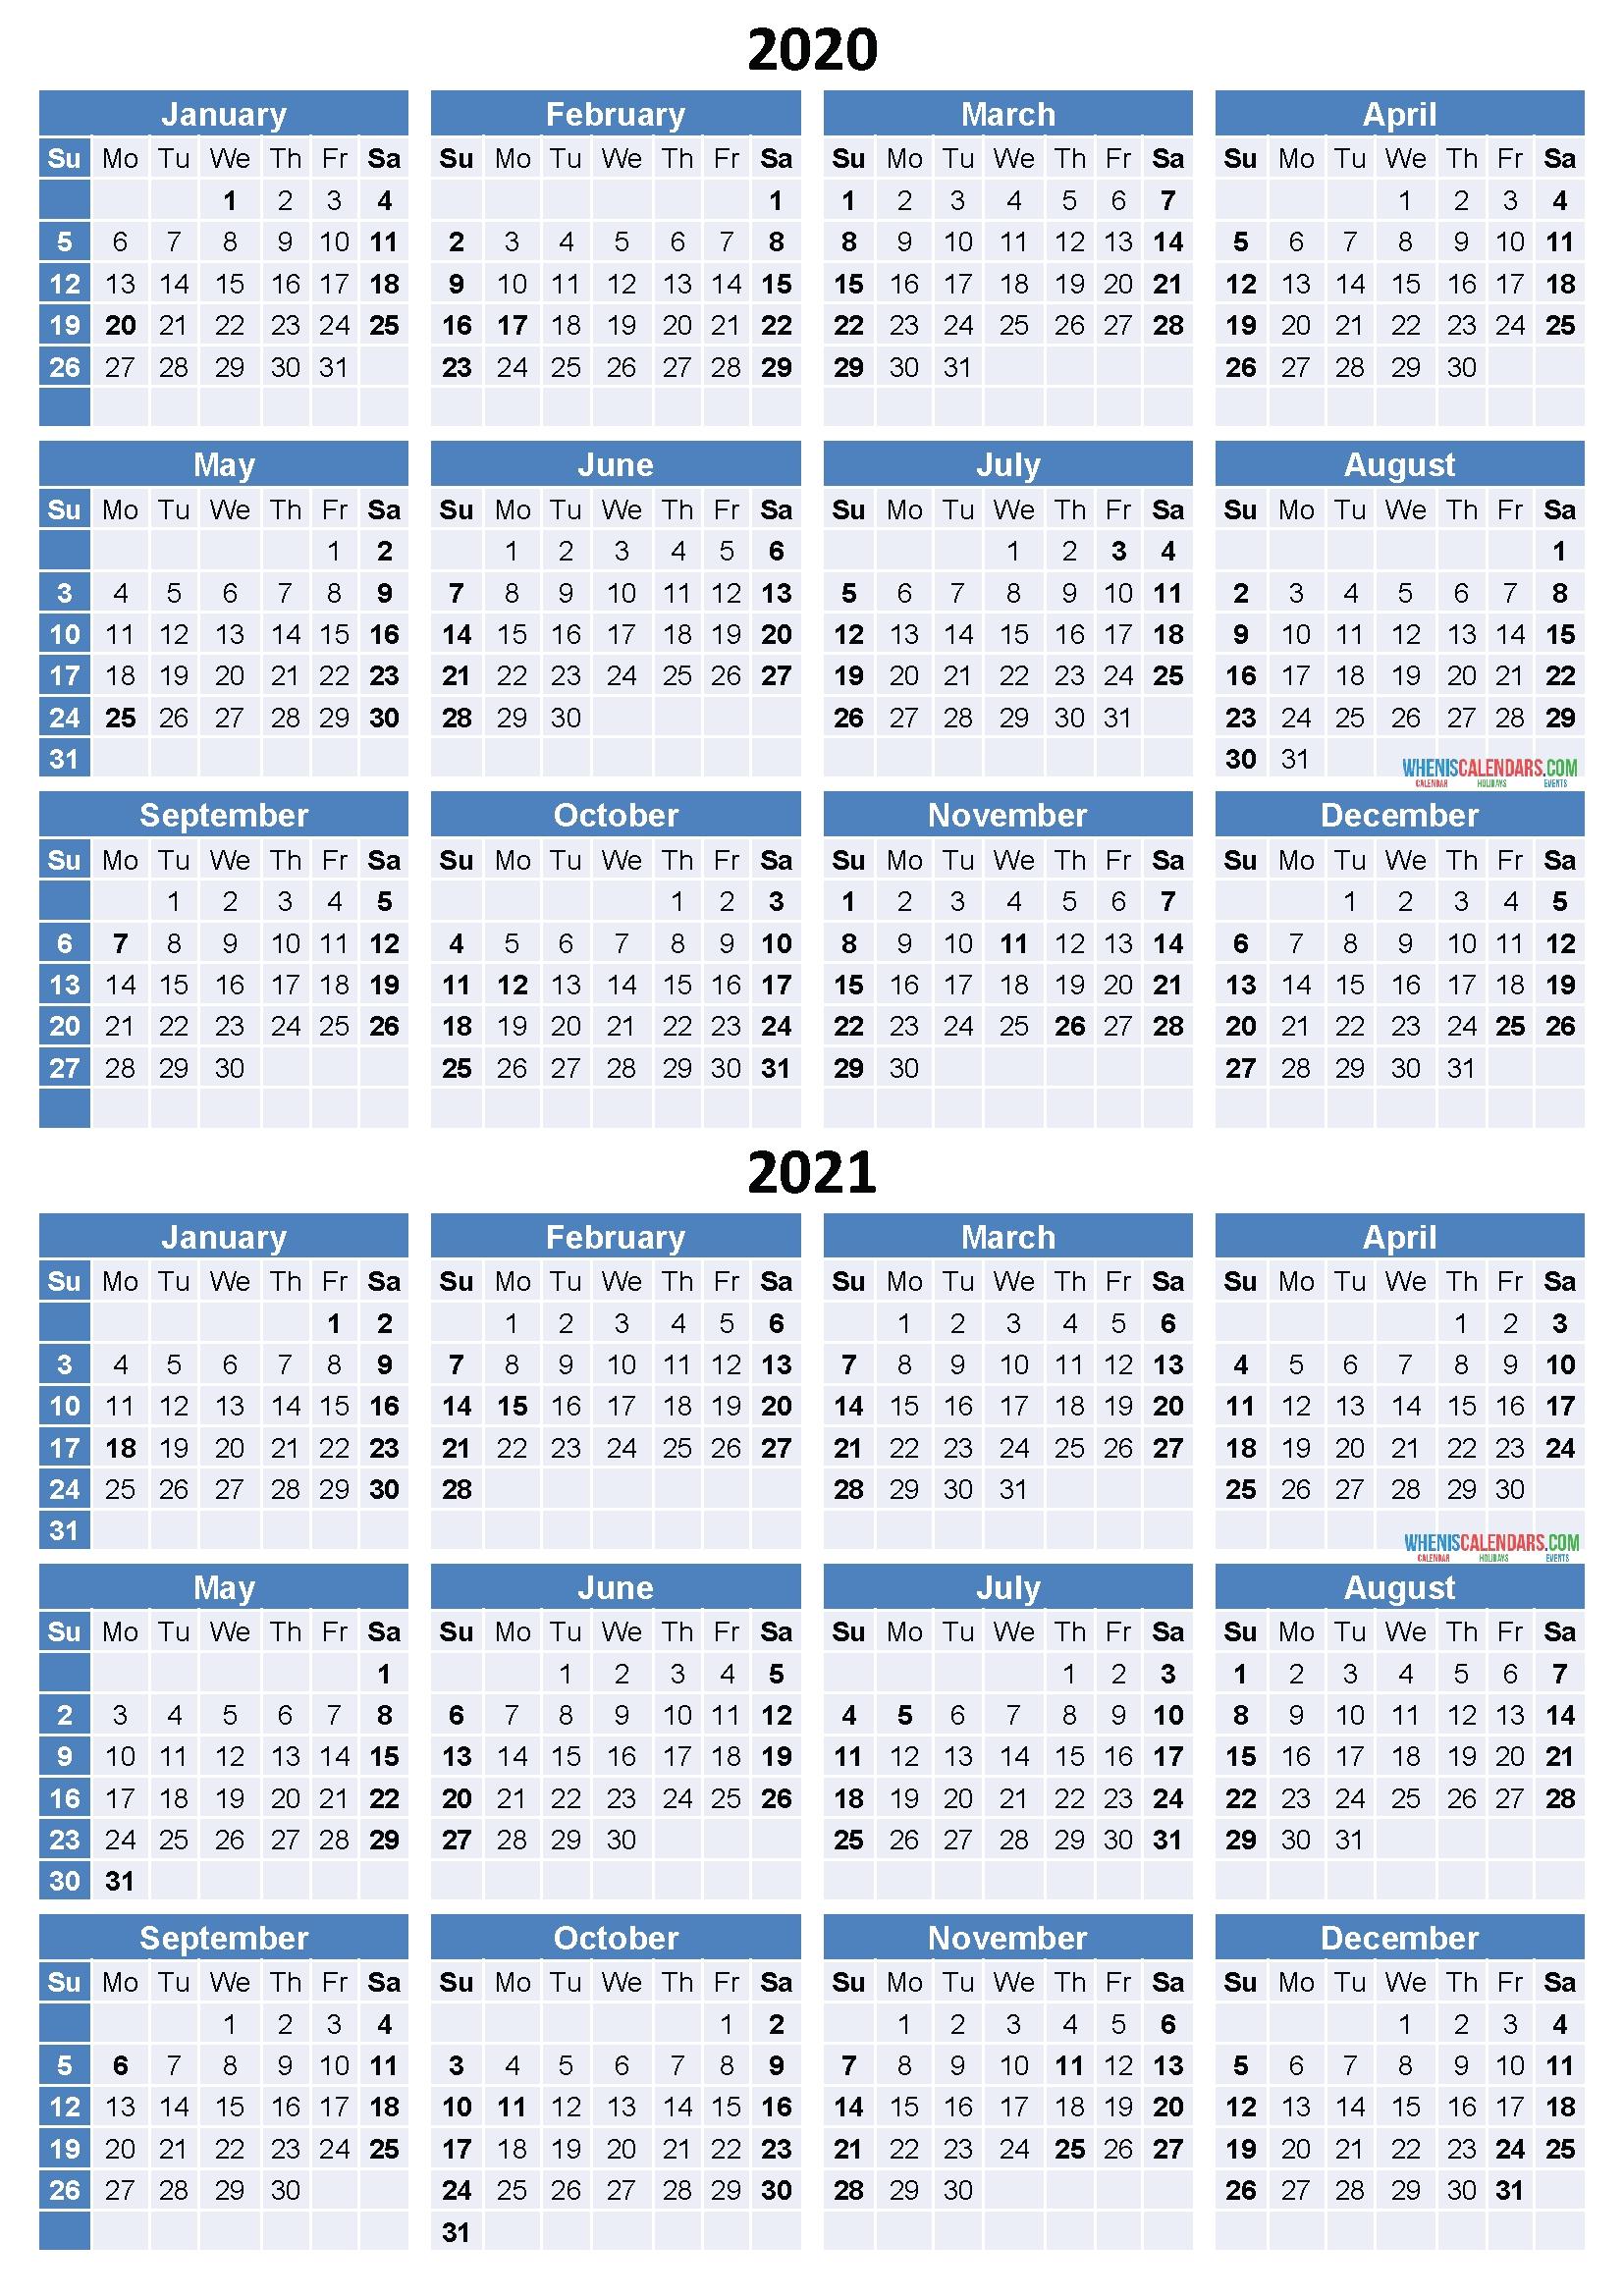 Depo Provera Calendar 2021 Printable | Calendar Printables  Depo Injection Schedule 2021